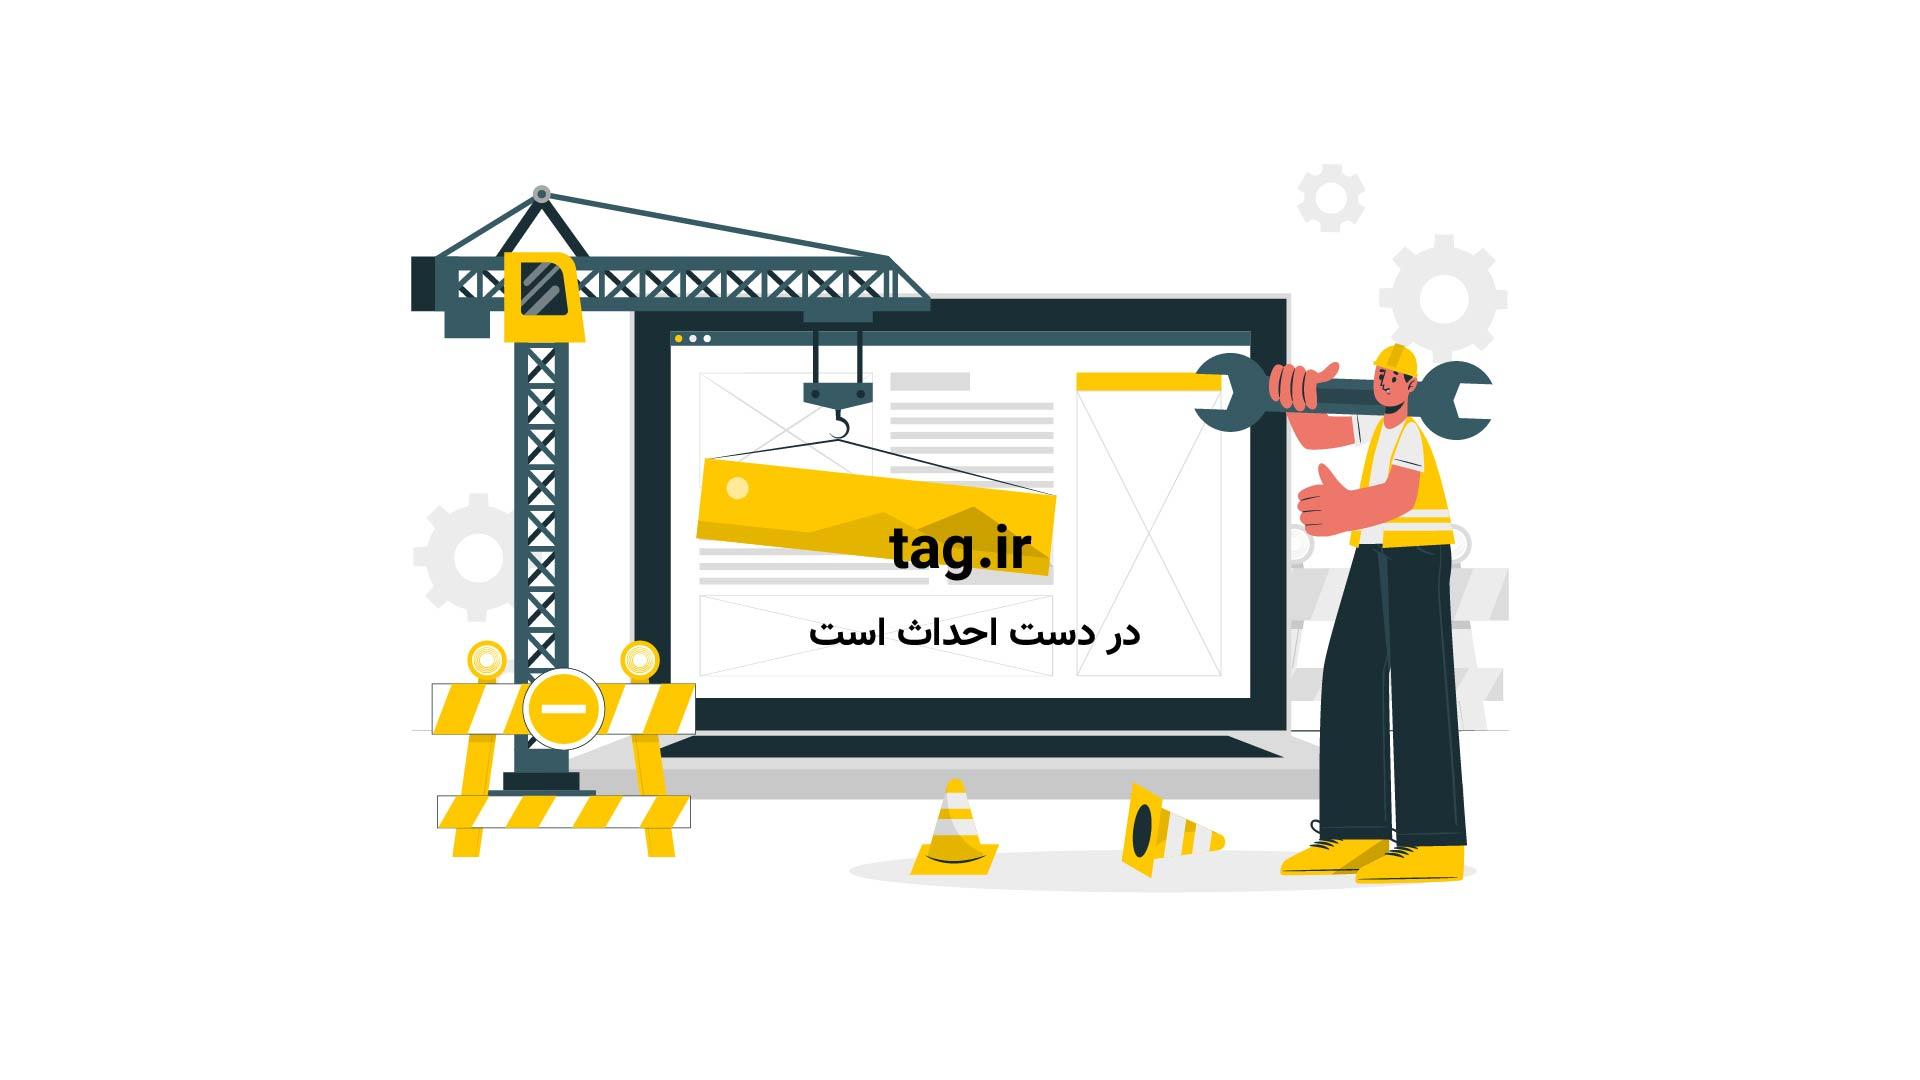 تصادف در آمریکا